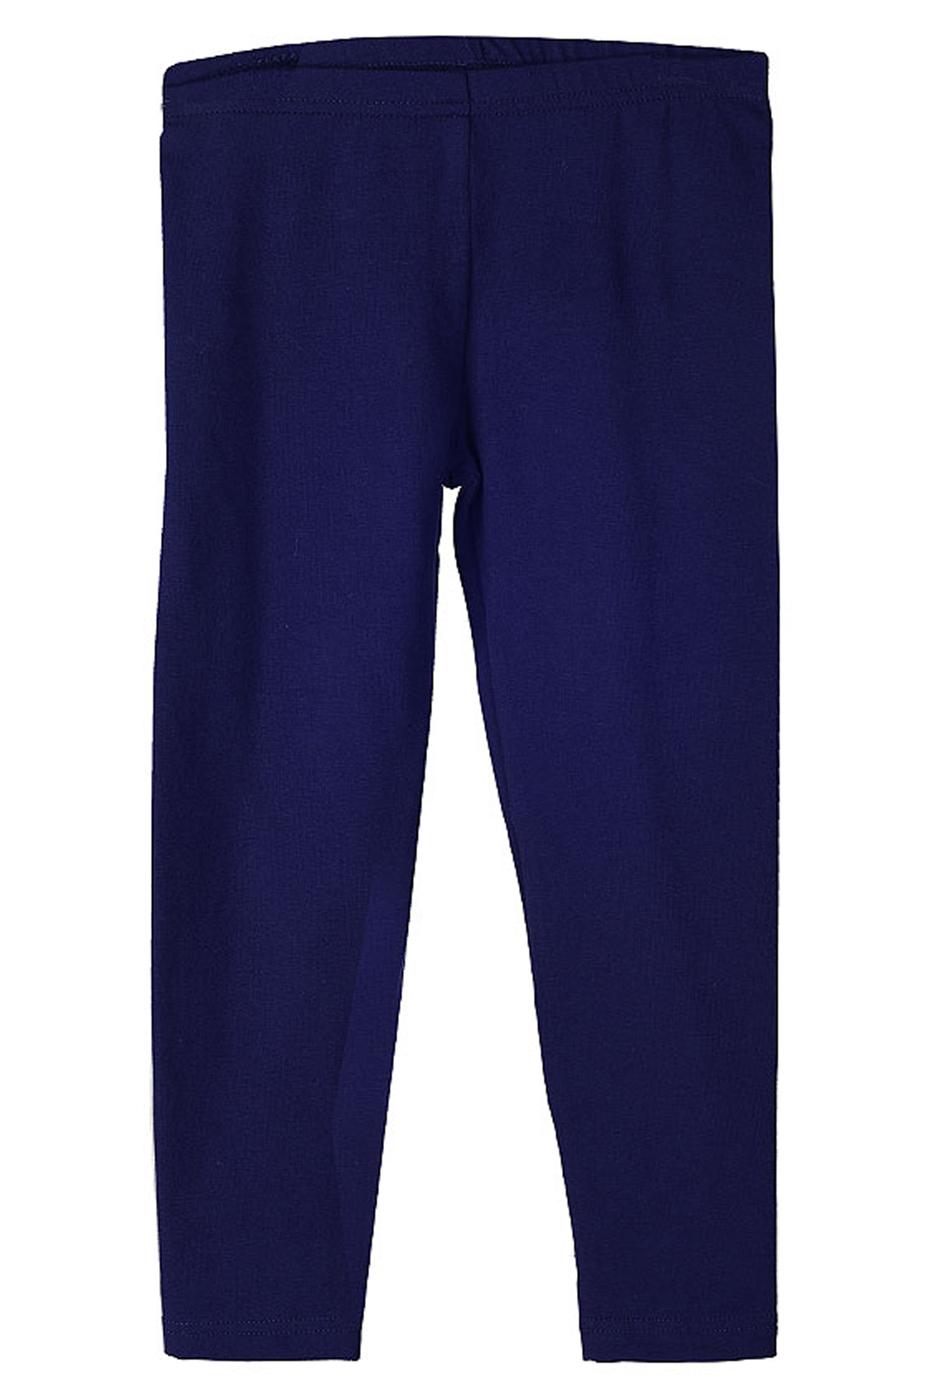 Купить Брюки OPTOP, цв.синий, 104 р-р., Детские брюки и шорты